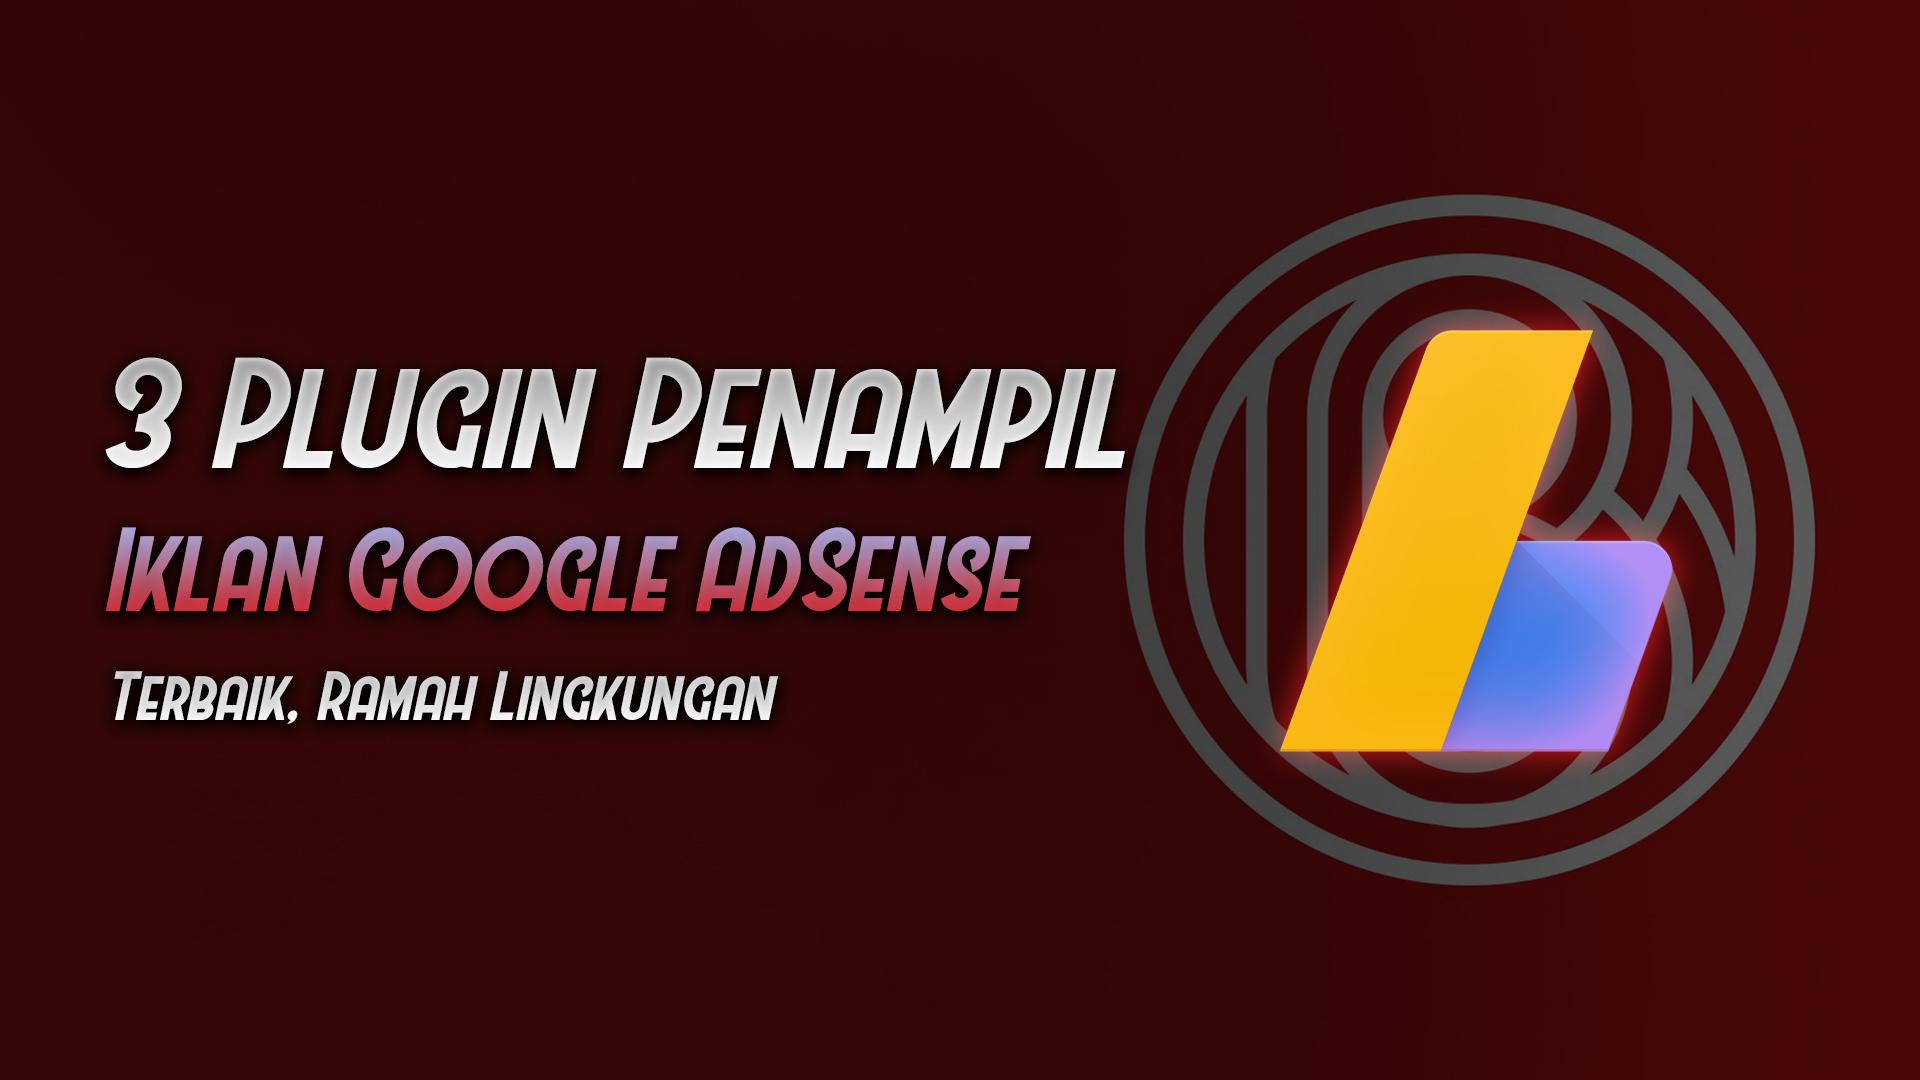 3 plugin wordpress gratis terbaik menampilkan iklan google adsense - rio bermano